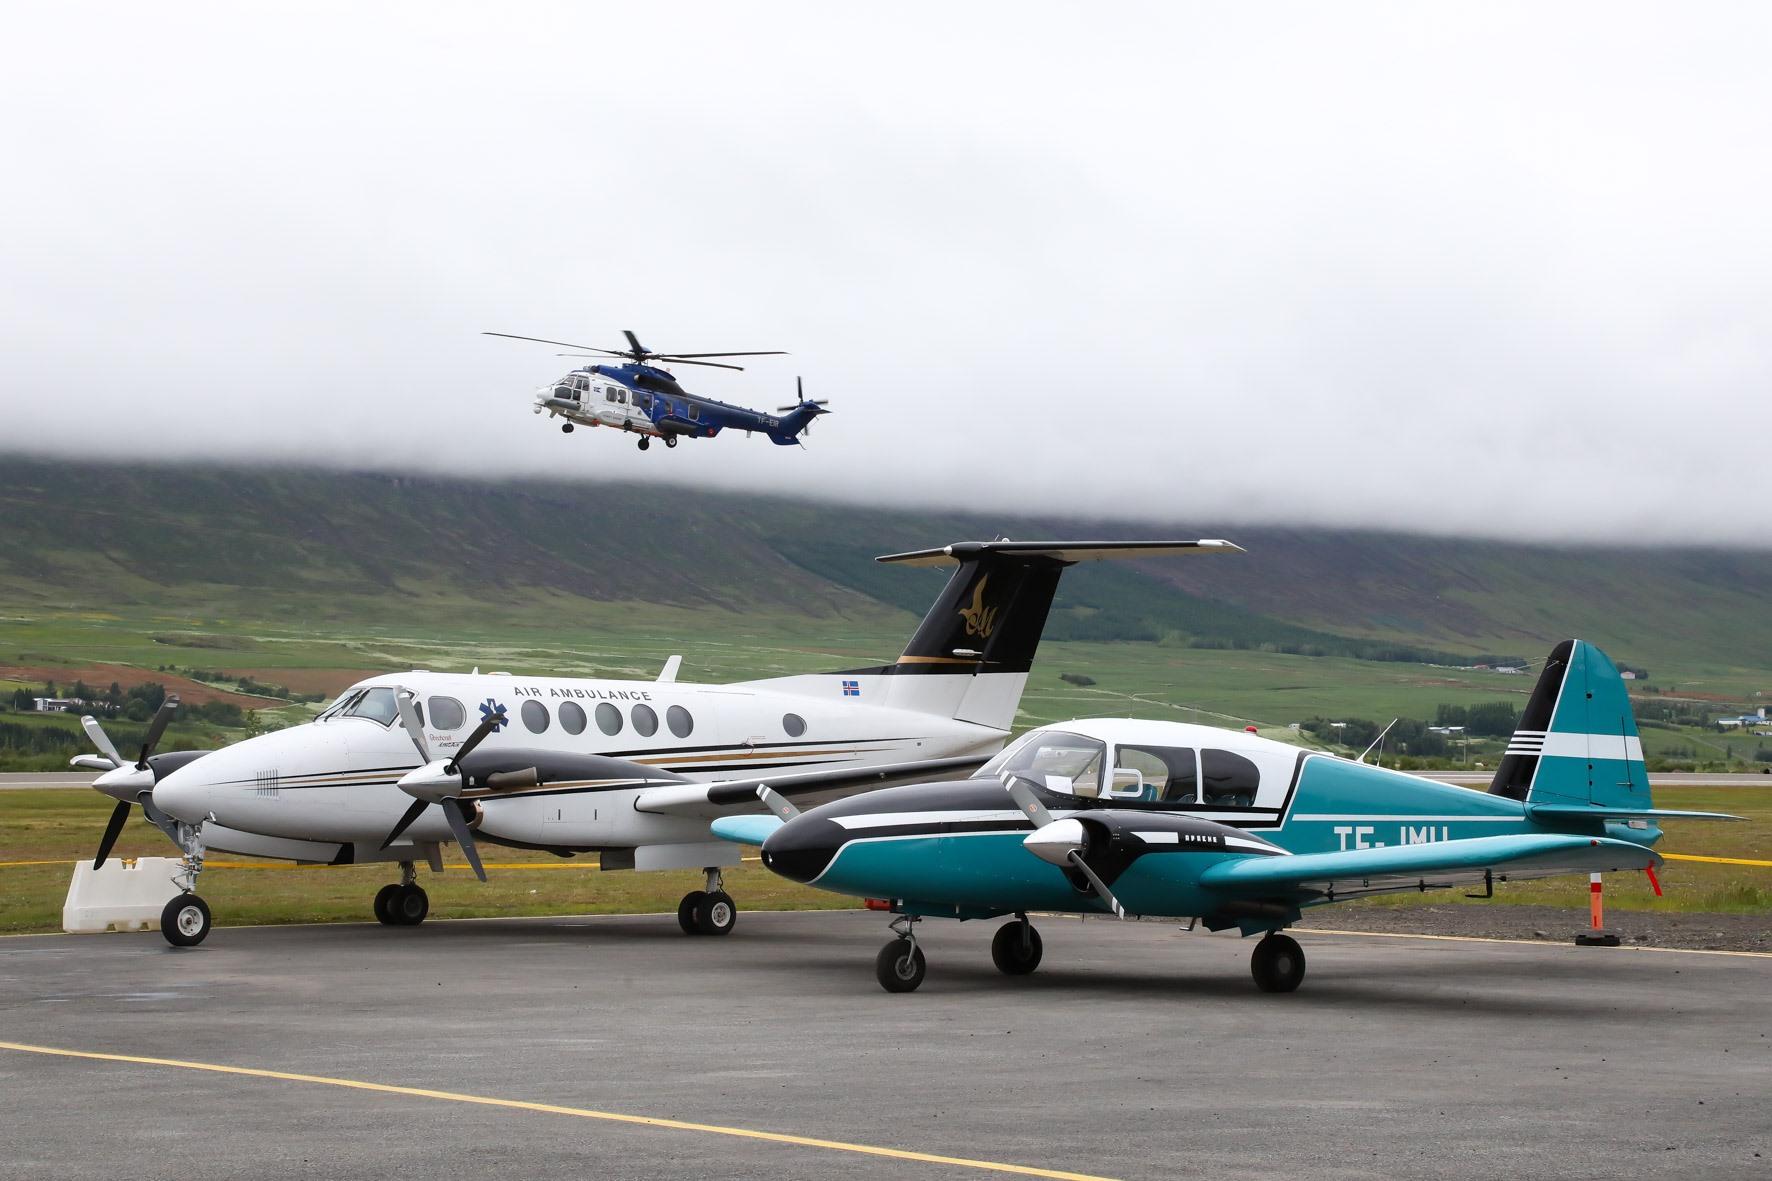 Icelandic Coast Guard Airbug H225 reg. TF-EIR performance // Source: Hörður Geirsson